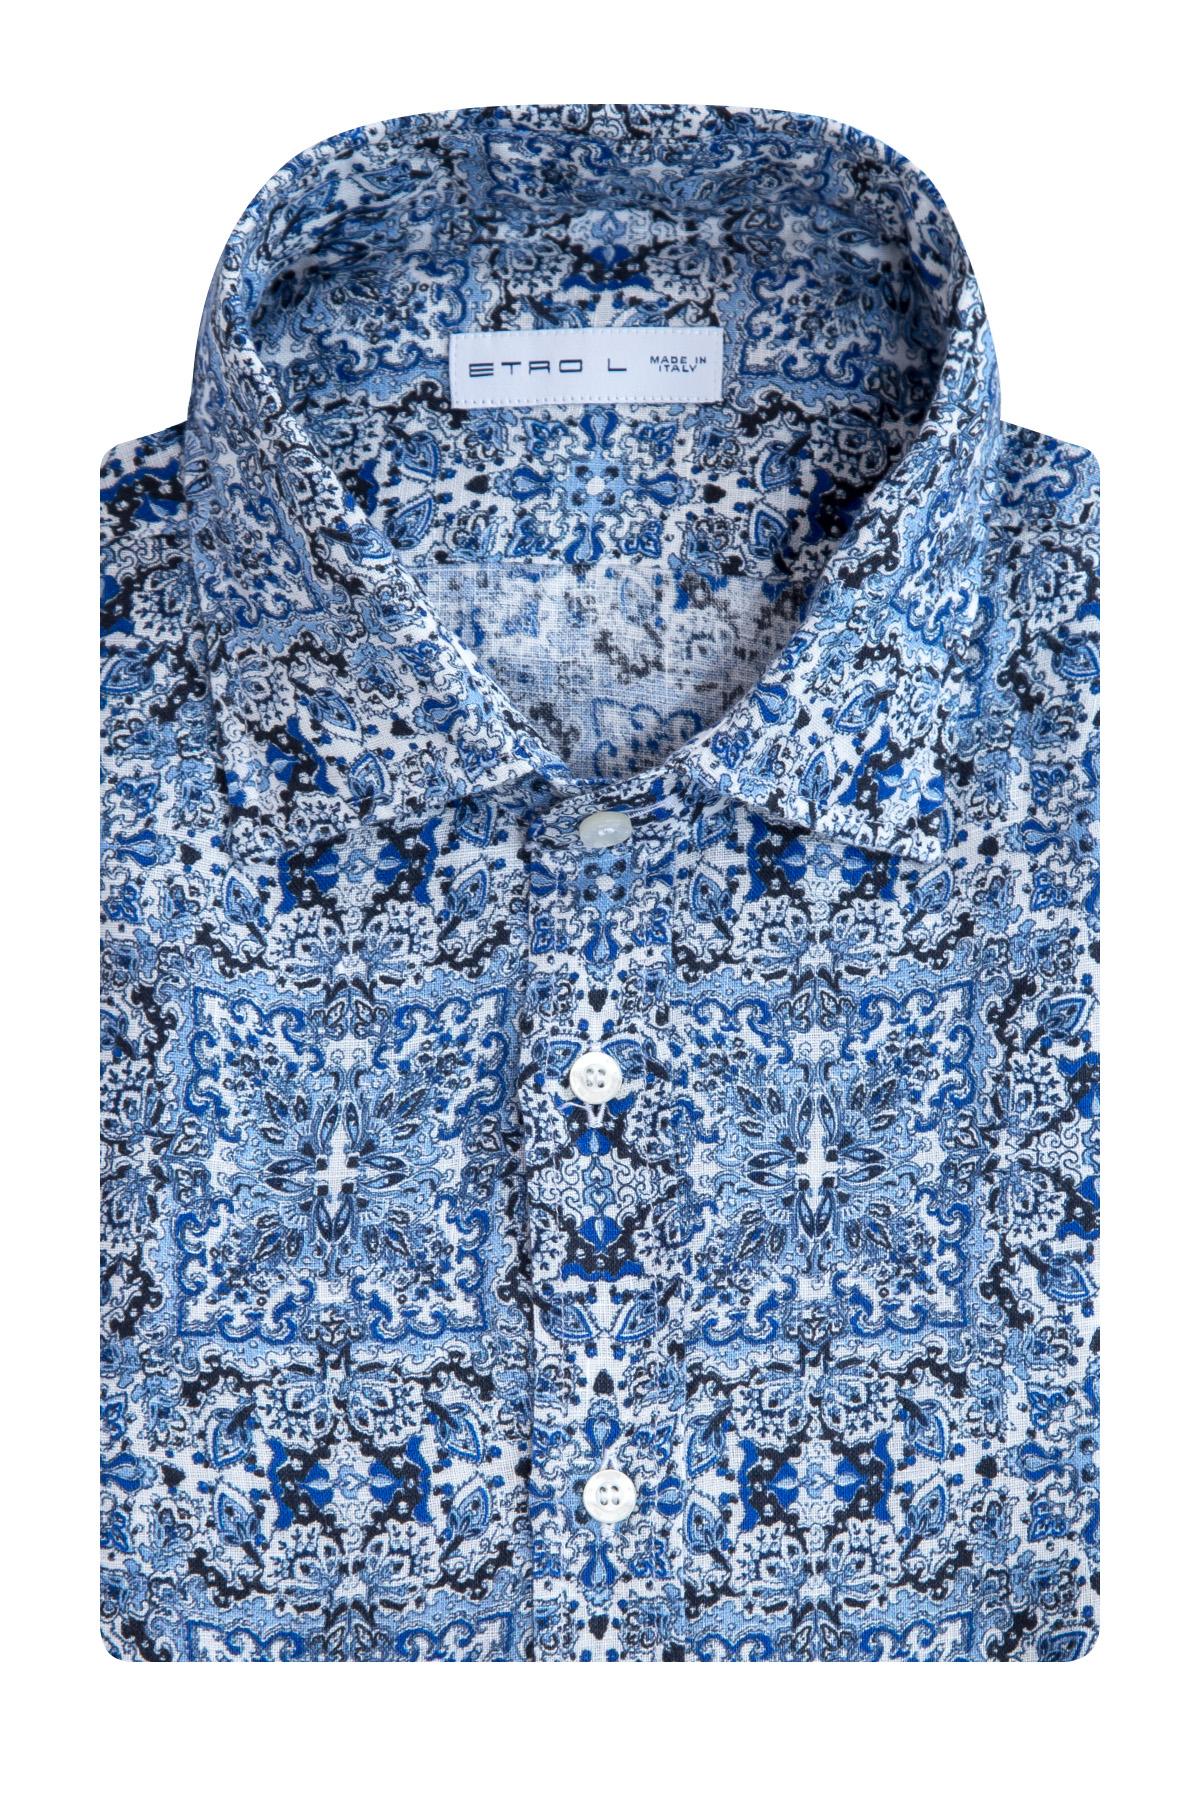 Купить Рубашка, ETRO, Италия, лен 100%